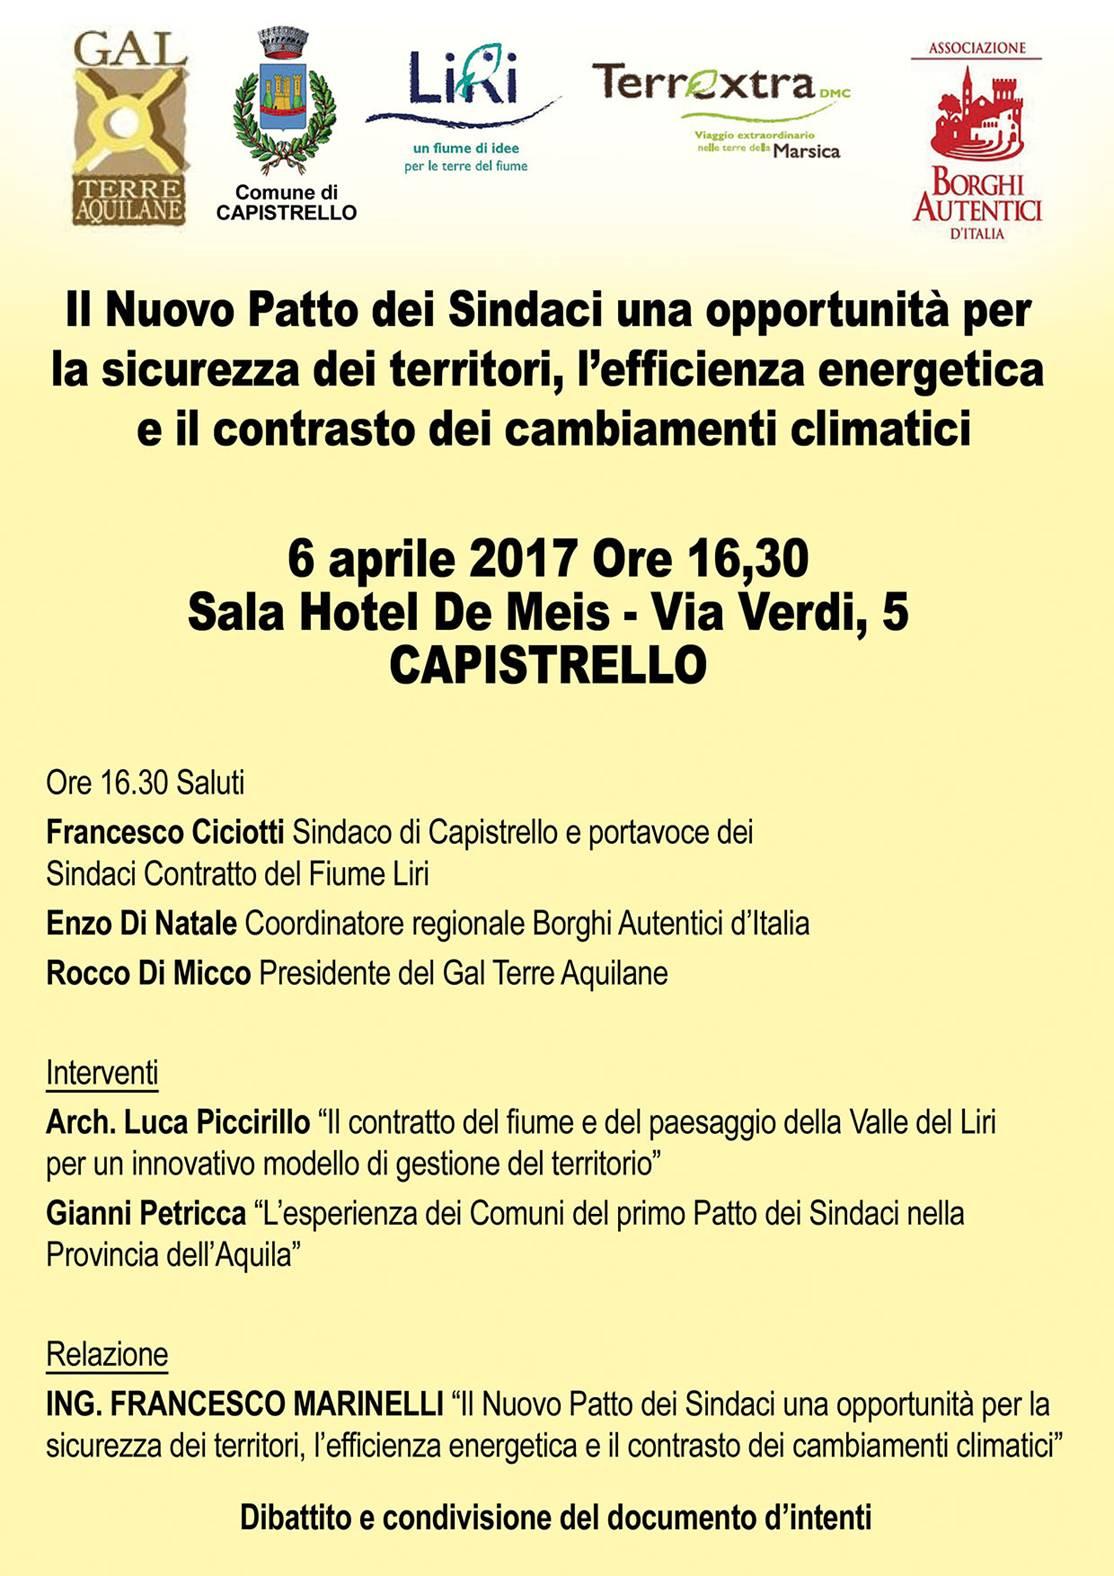 Sindaci e Amministratori del territorio a Capistrello per parlare di efficienza energetica e cambiamenti climatici